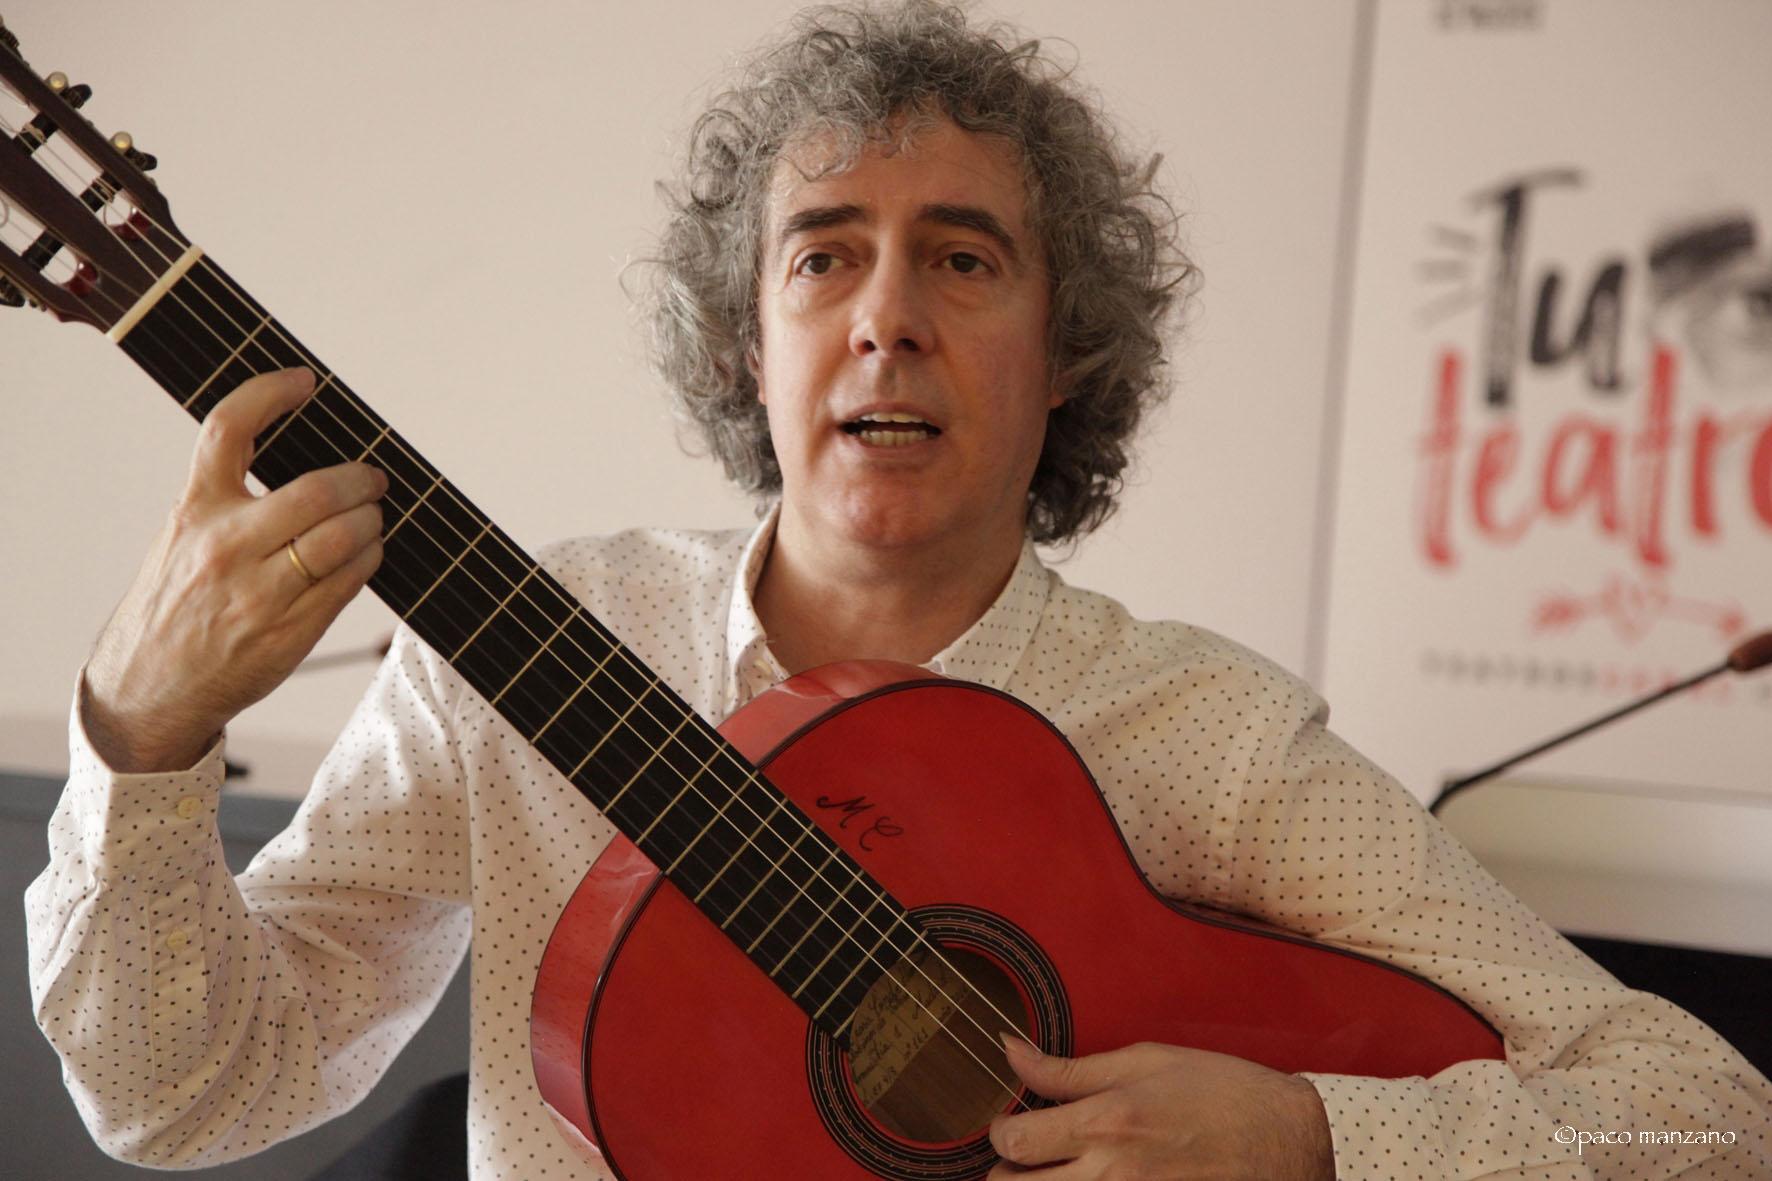 El crítico flamenco José Manuel Gamboa, a compás. Foto: Paco Manzano